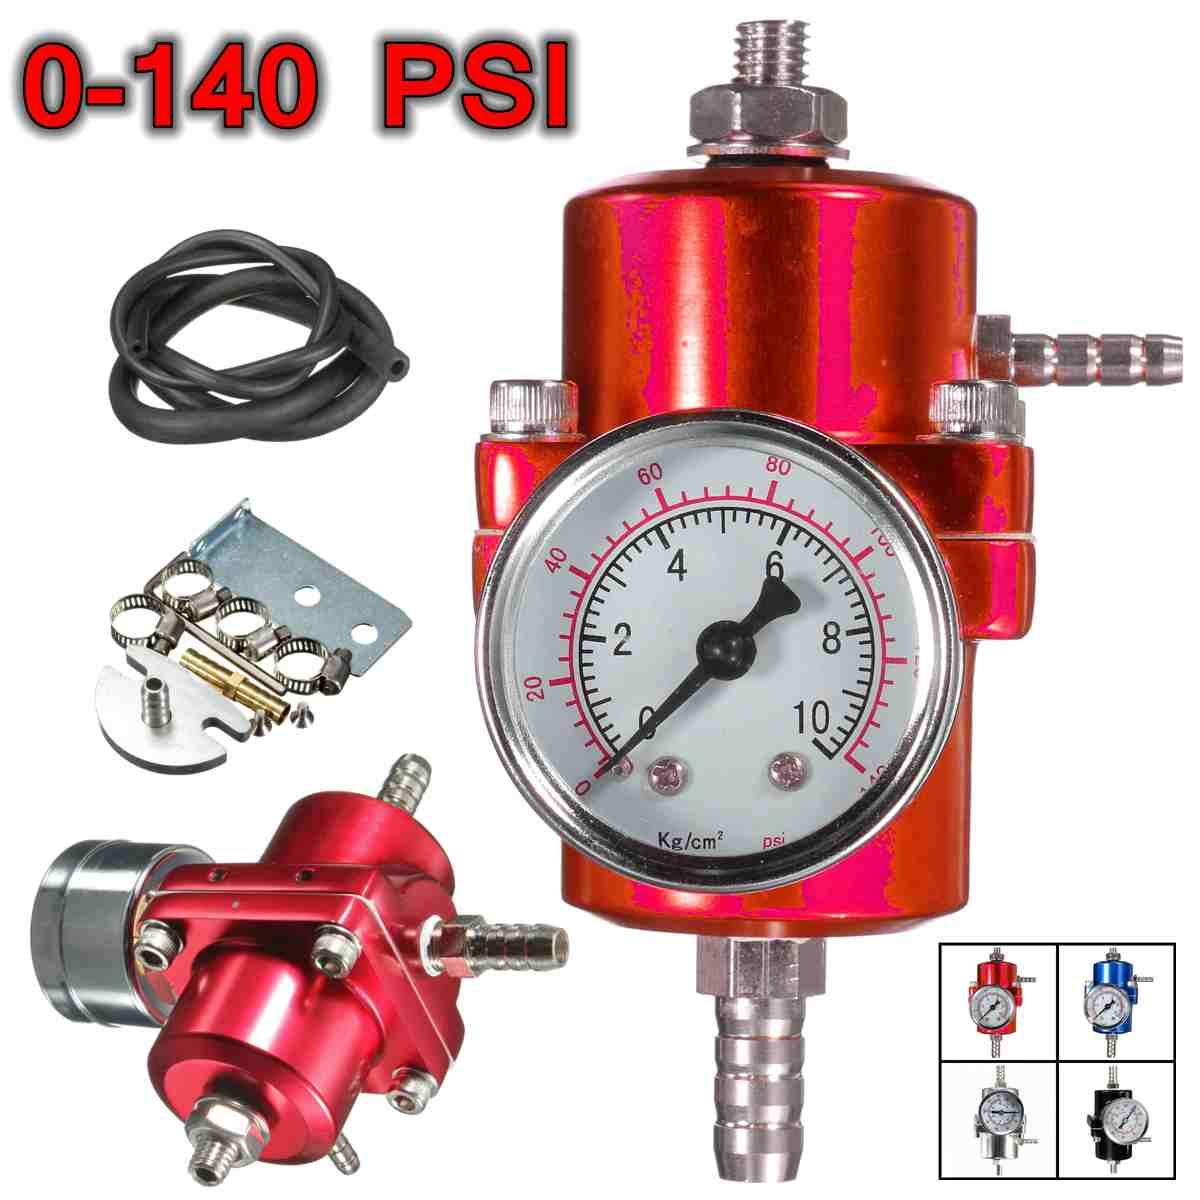 Preto azul vermelho prata 0-140psi universal regulador de pressão de combustível do carro com medidor ajustável regulador de pressão de óleo